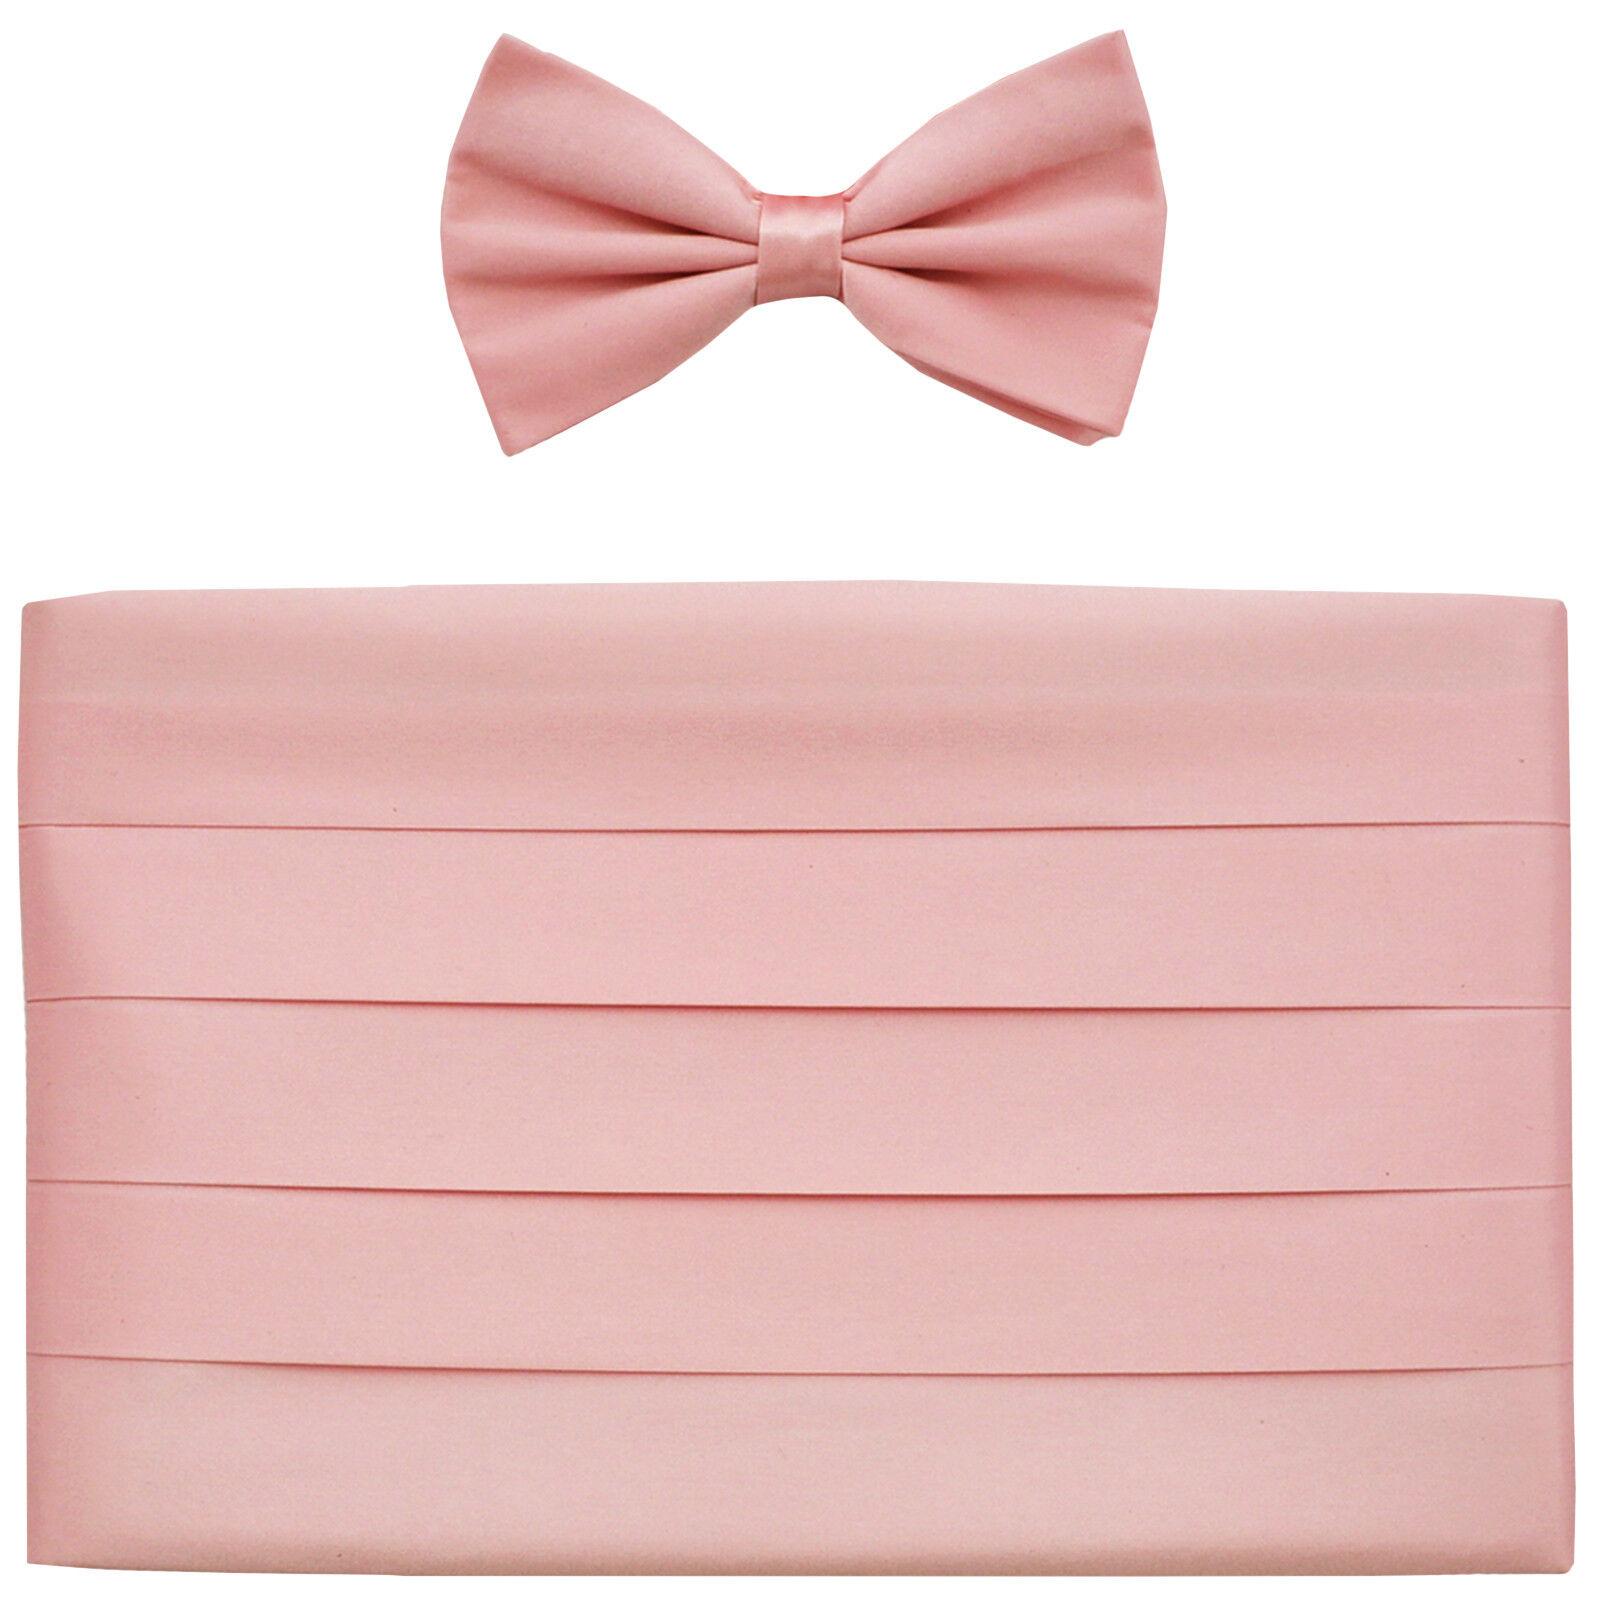 NEW in box Men's 100% SILK Cummerbund, bowtie set solid PINK wedding formal